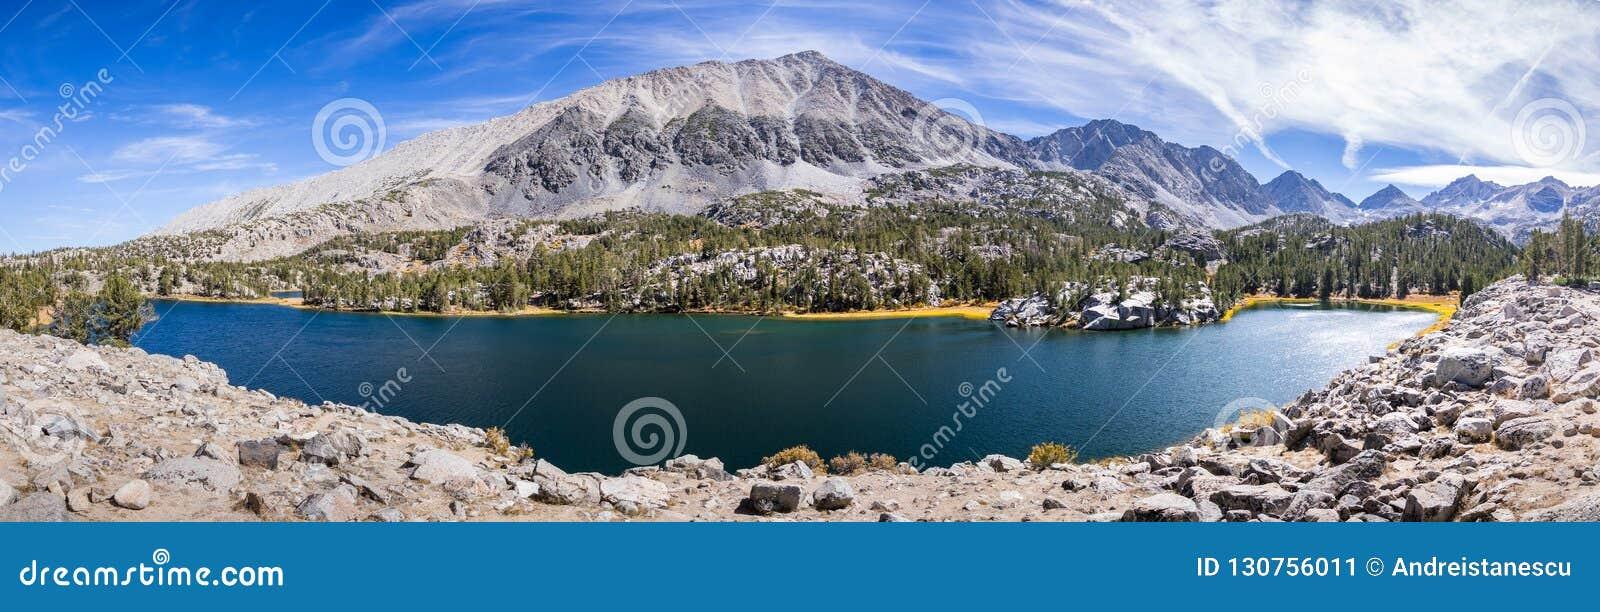 Vista panorámica del lago alpino, sierras del este